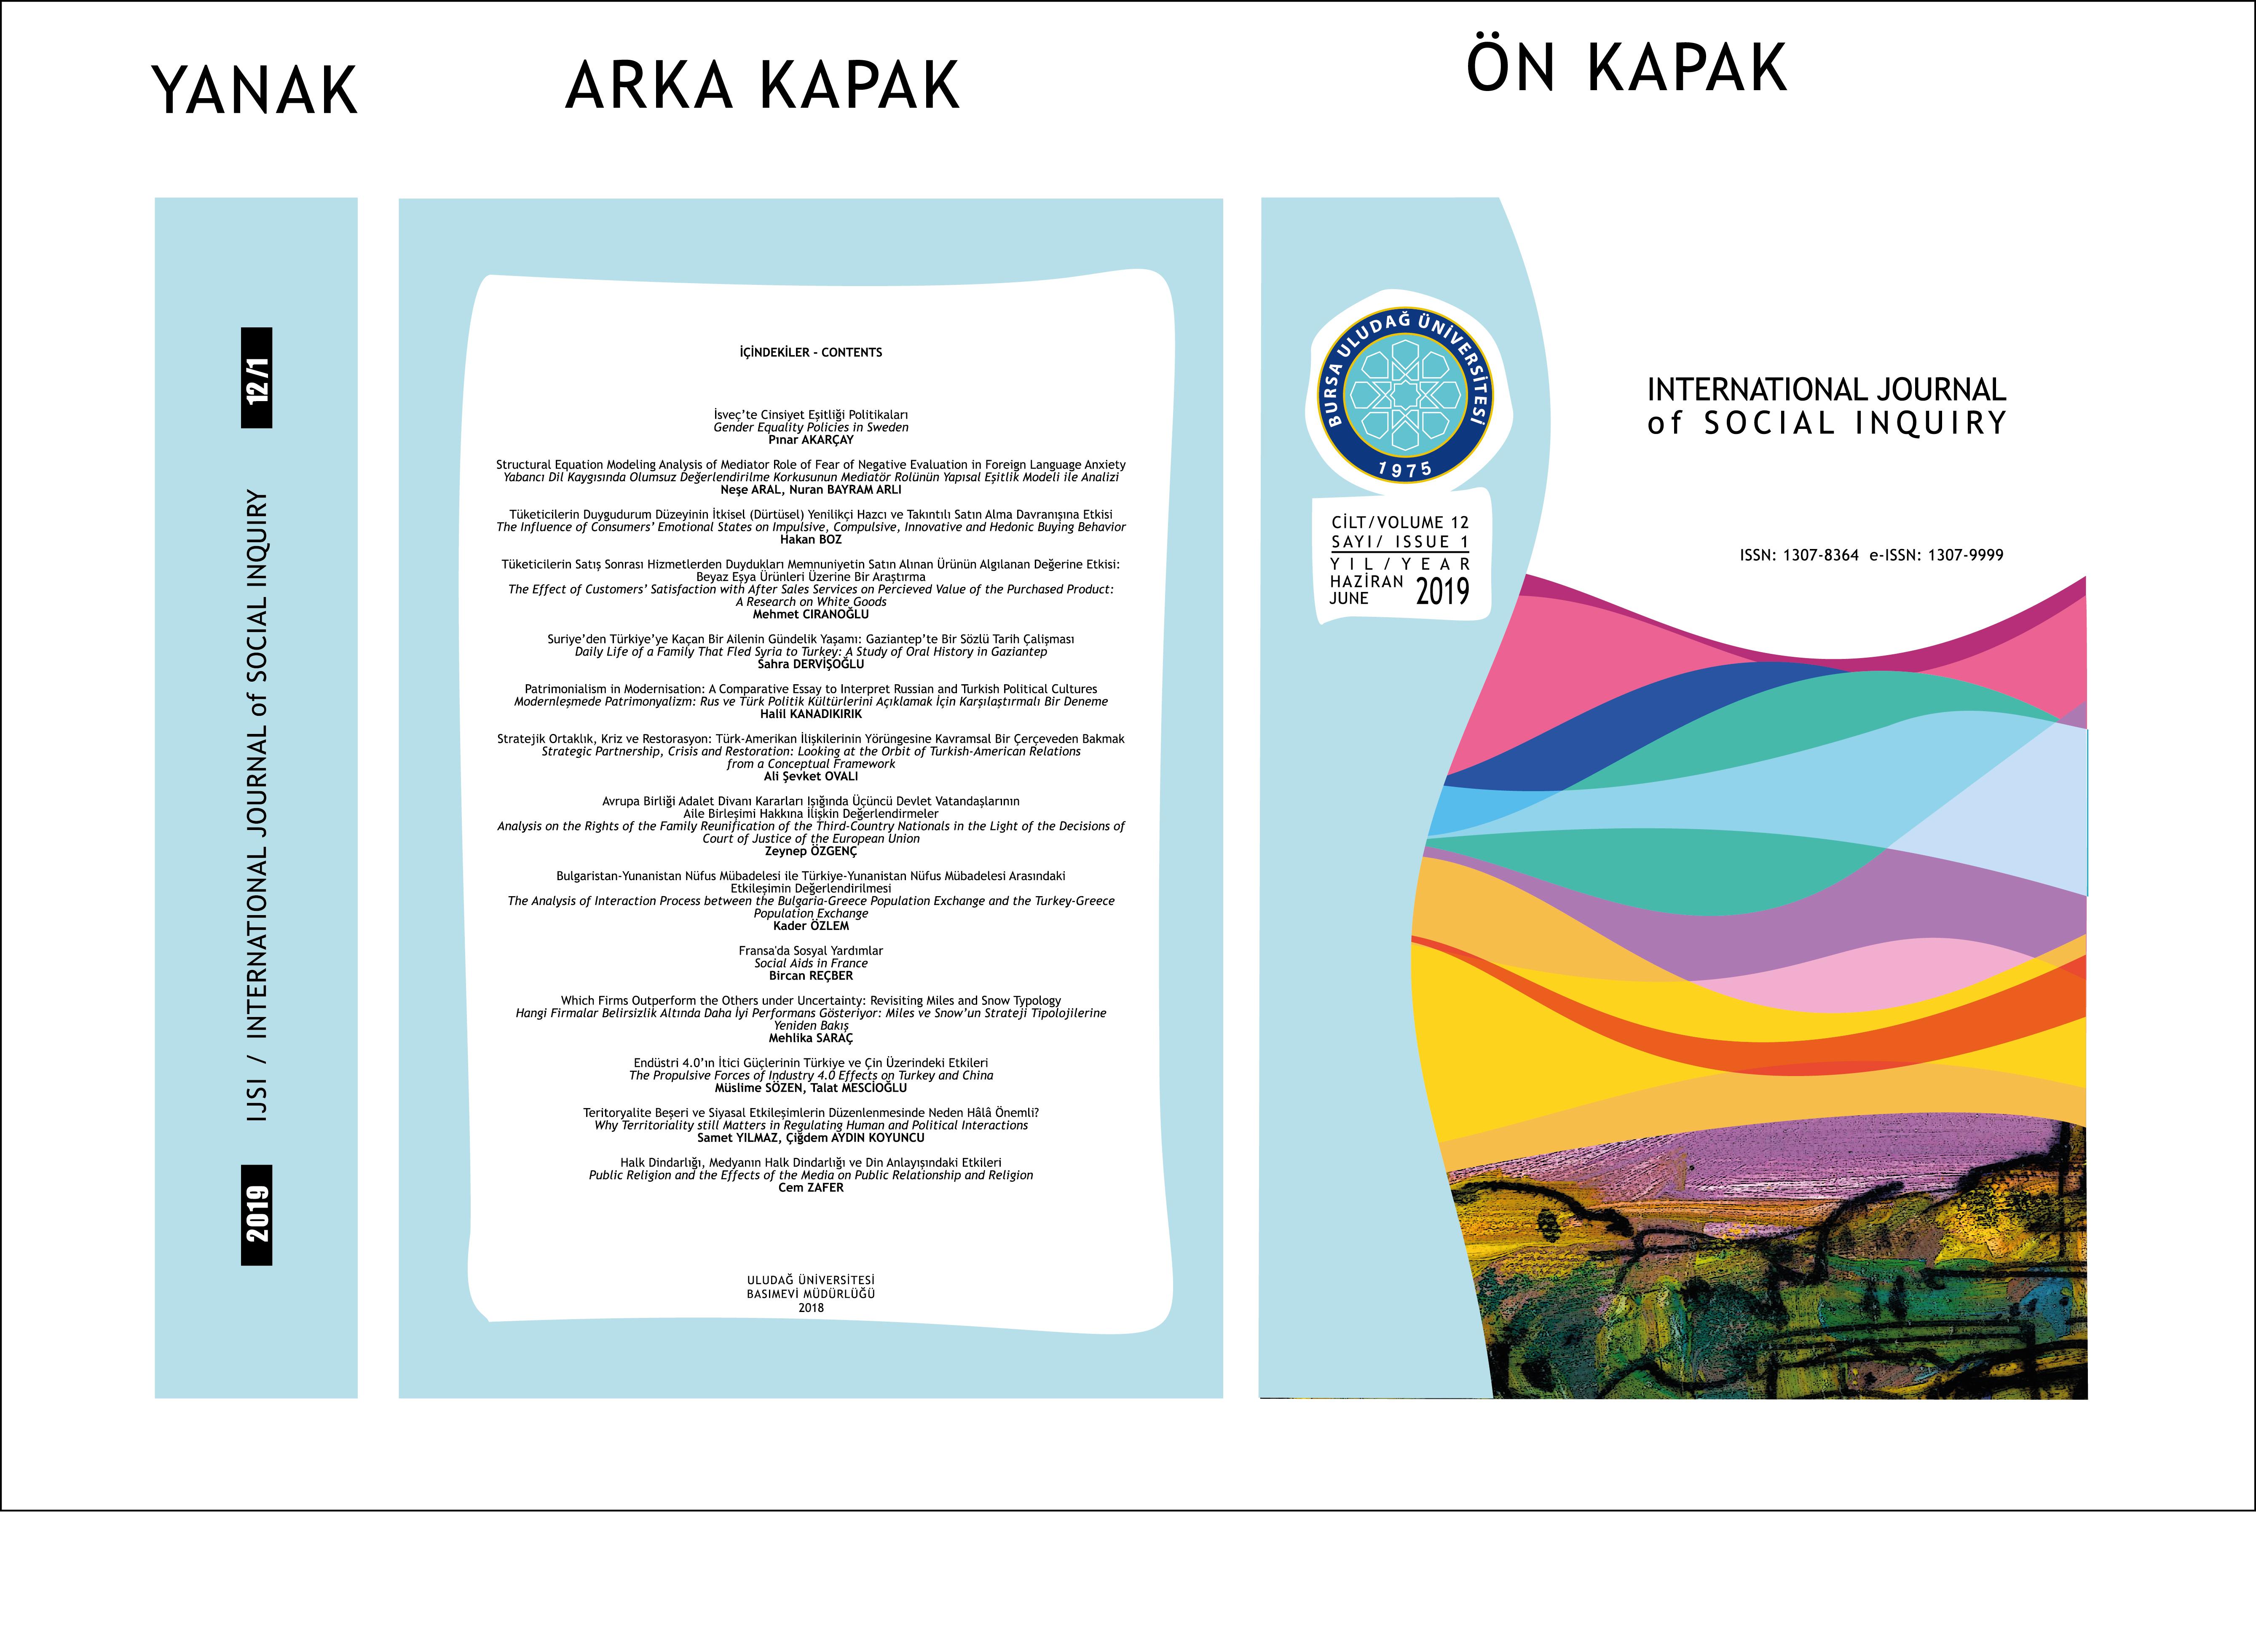 Sosyal Bilimler Enstitüsü Dergimizin Yeni Sayısı (12/1) Çıkmıştır.